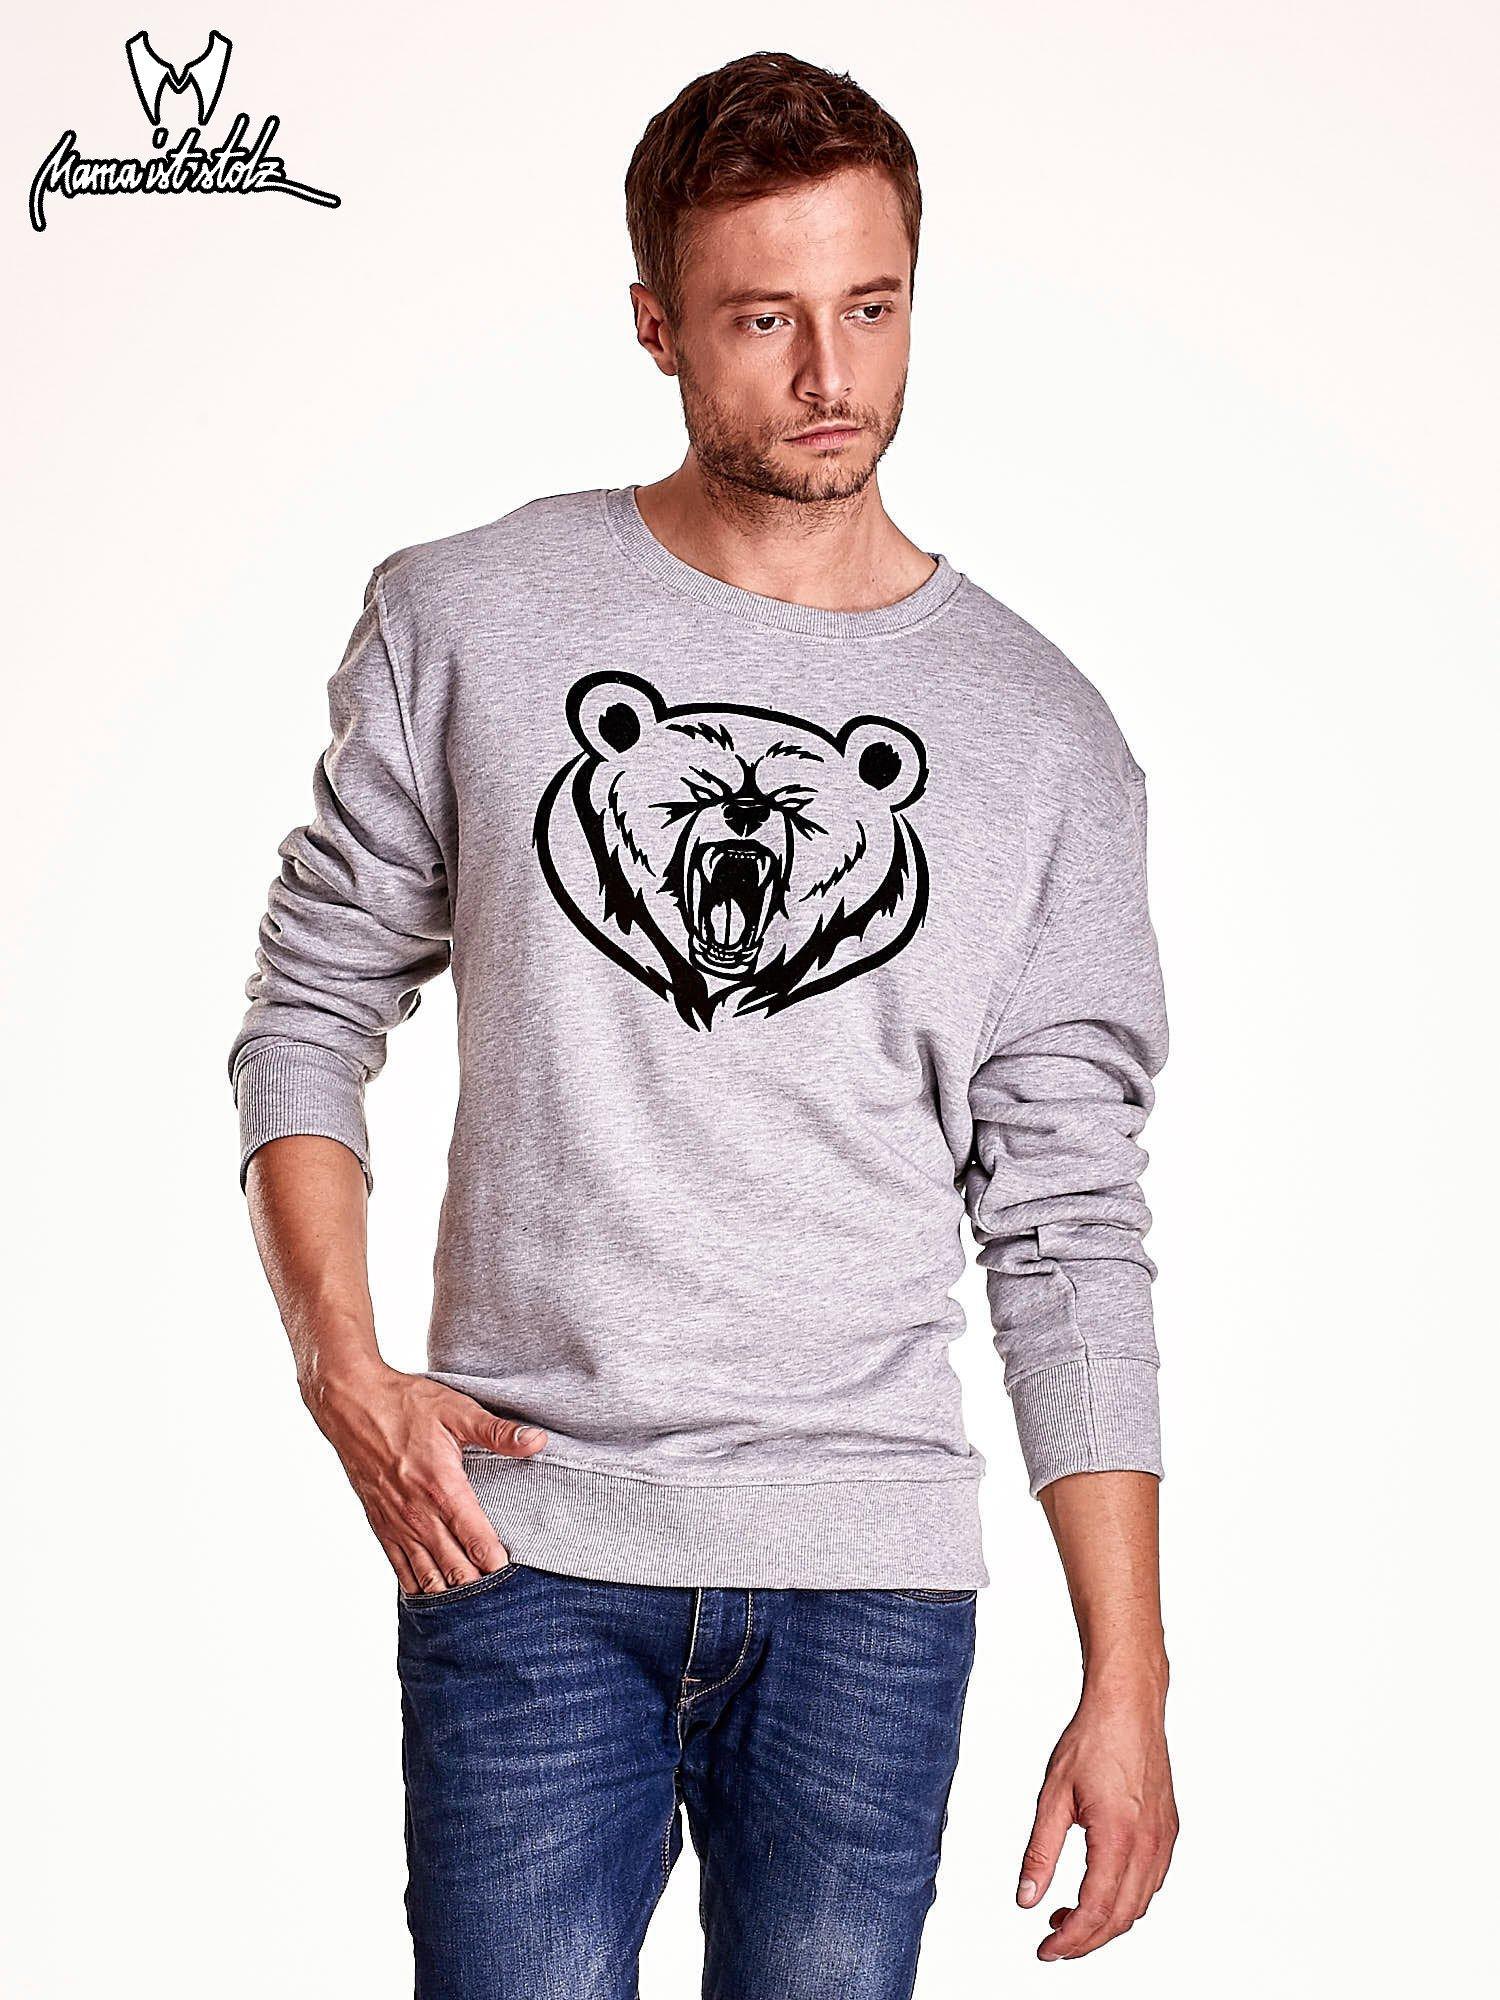 Szara bluza męska z niedźwiedziem                                  zdj.                                  2